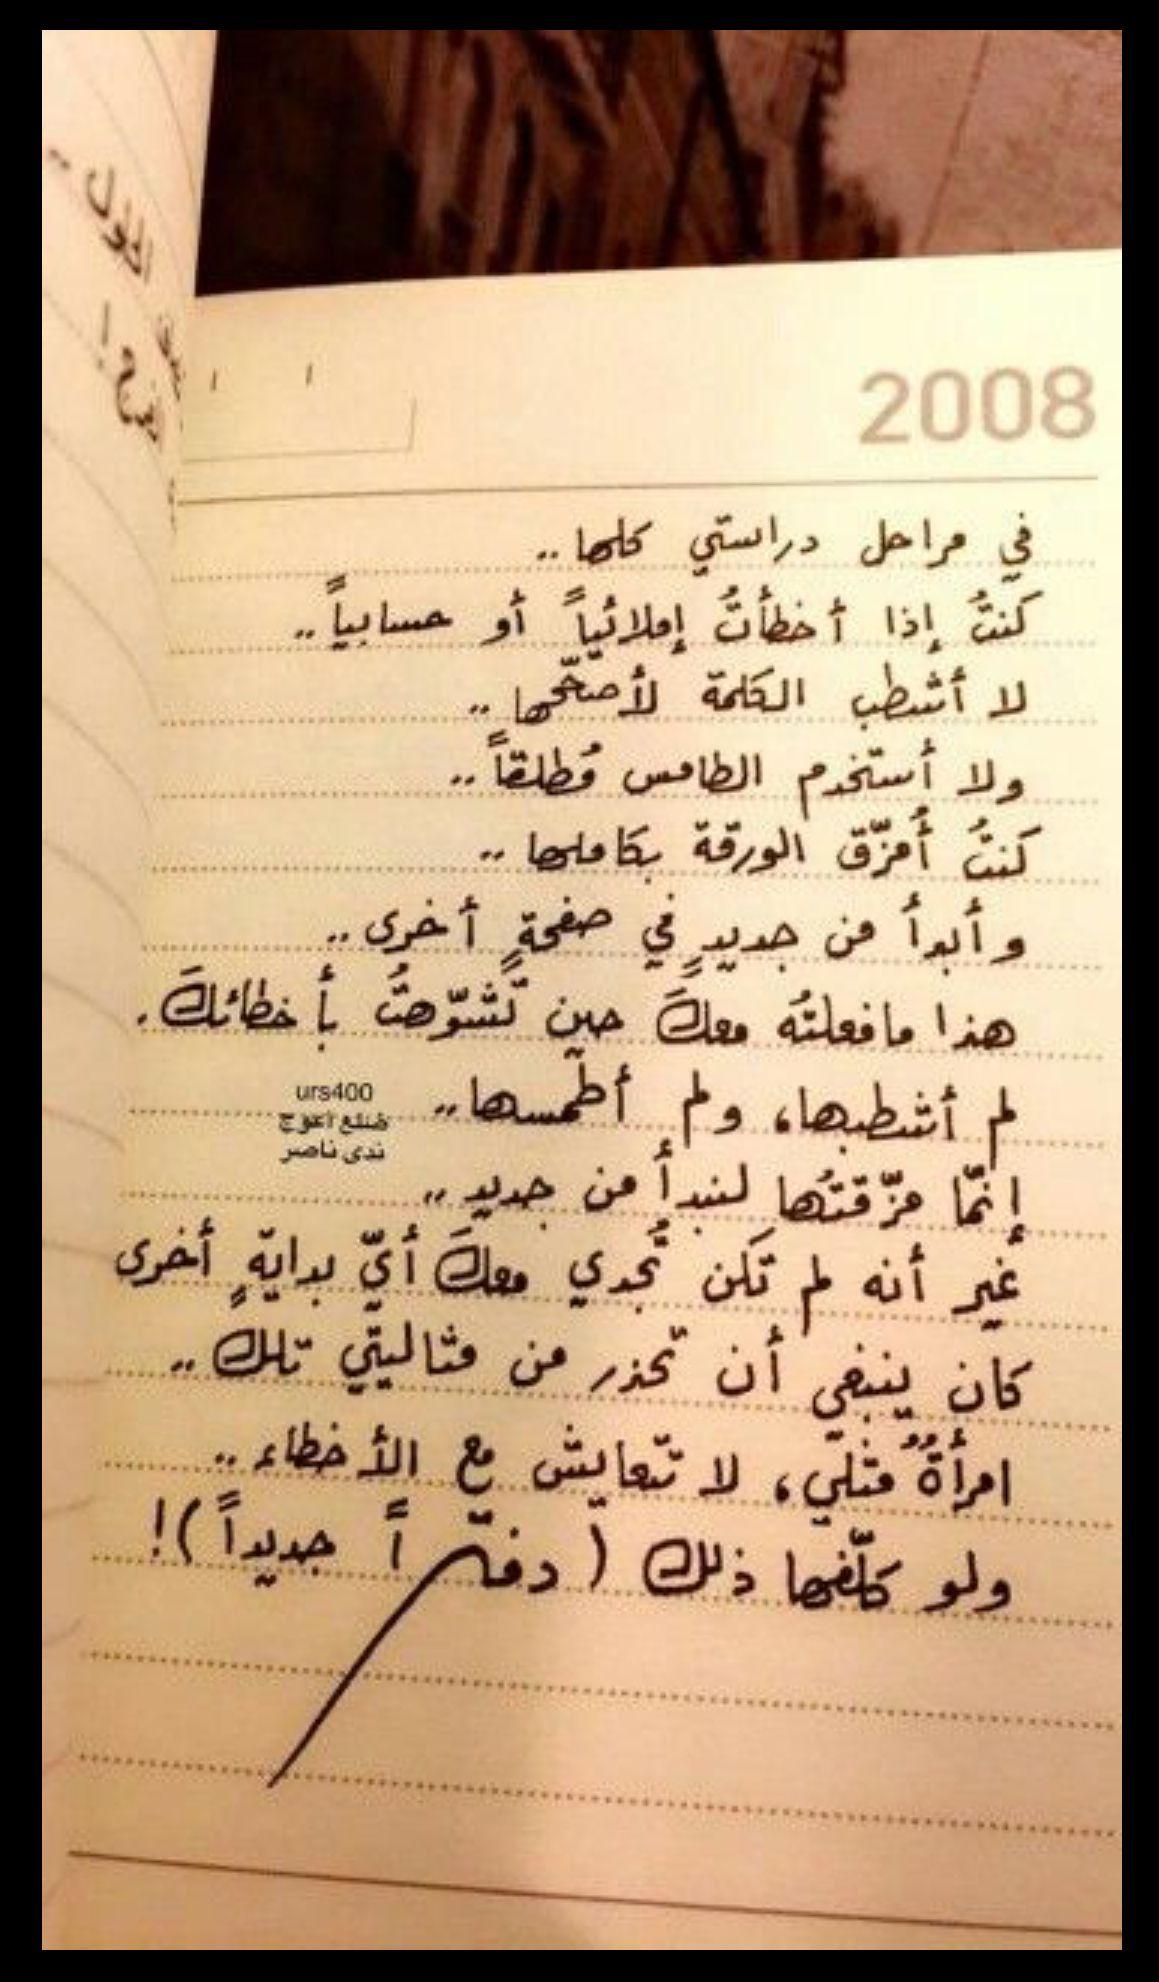 رسائل ورقيه Words Quotes Arabic Quotes Arabic Tattoo Quotes